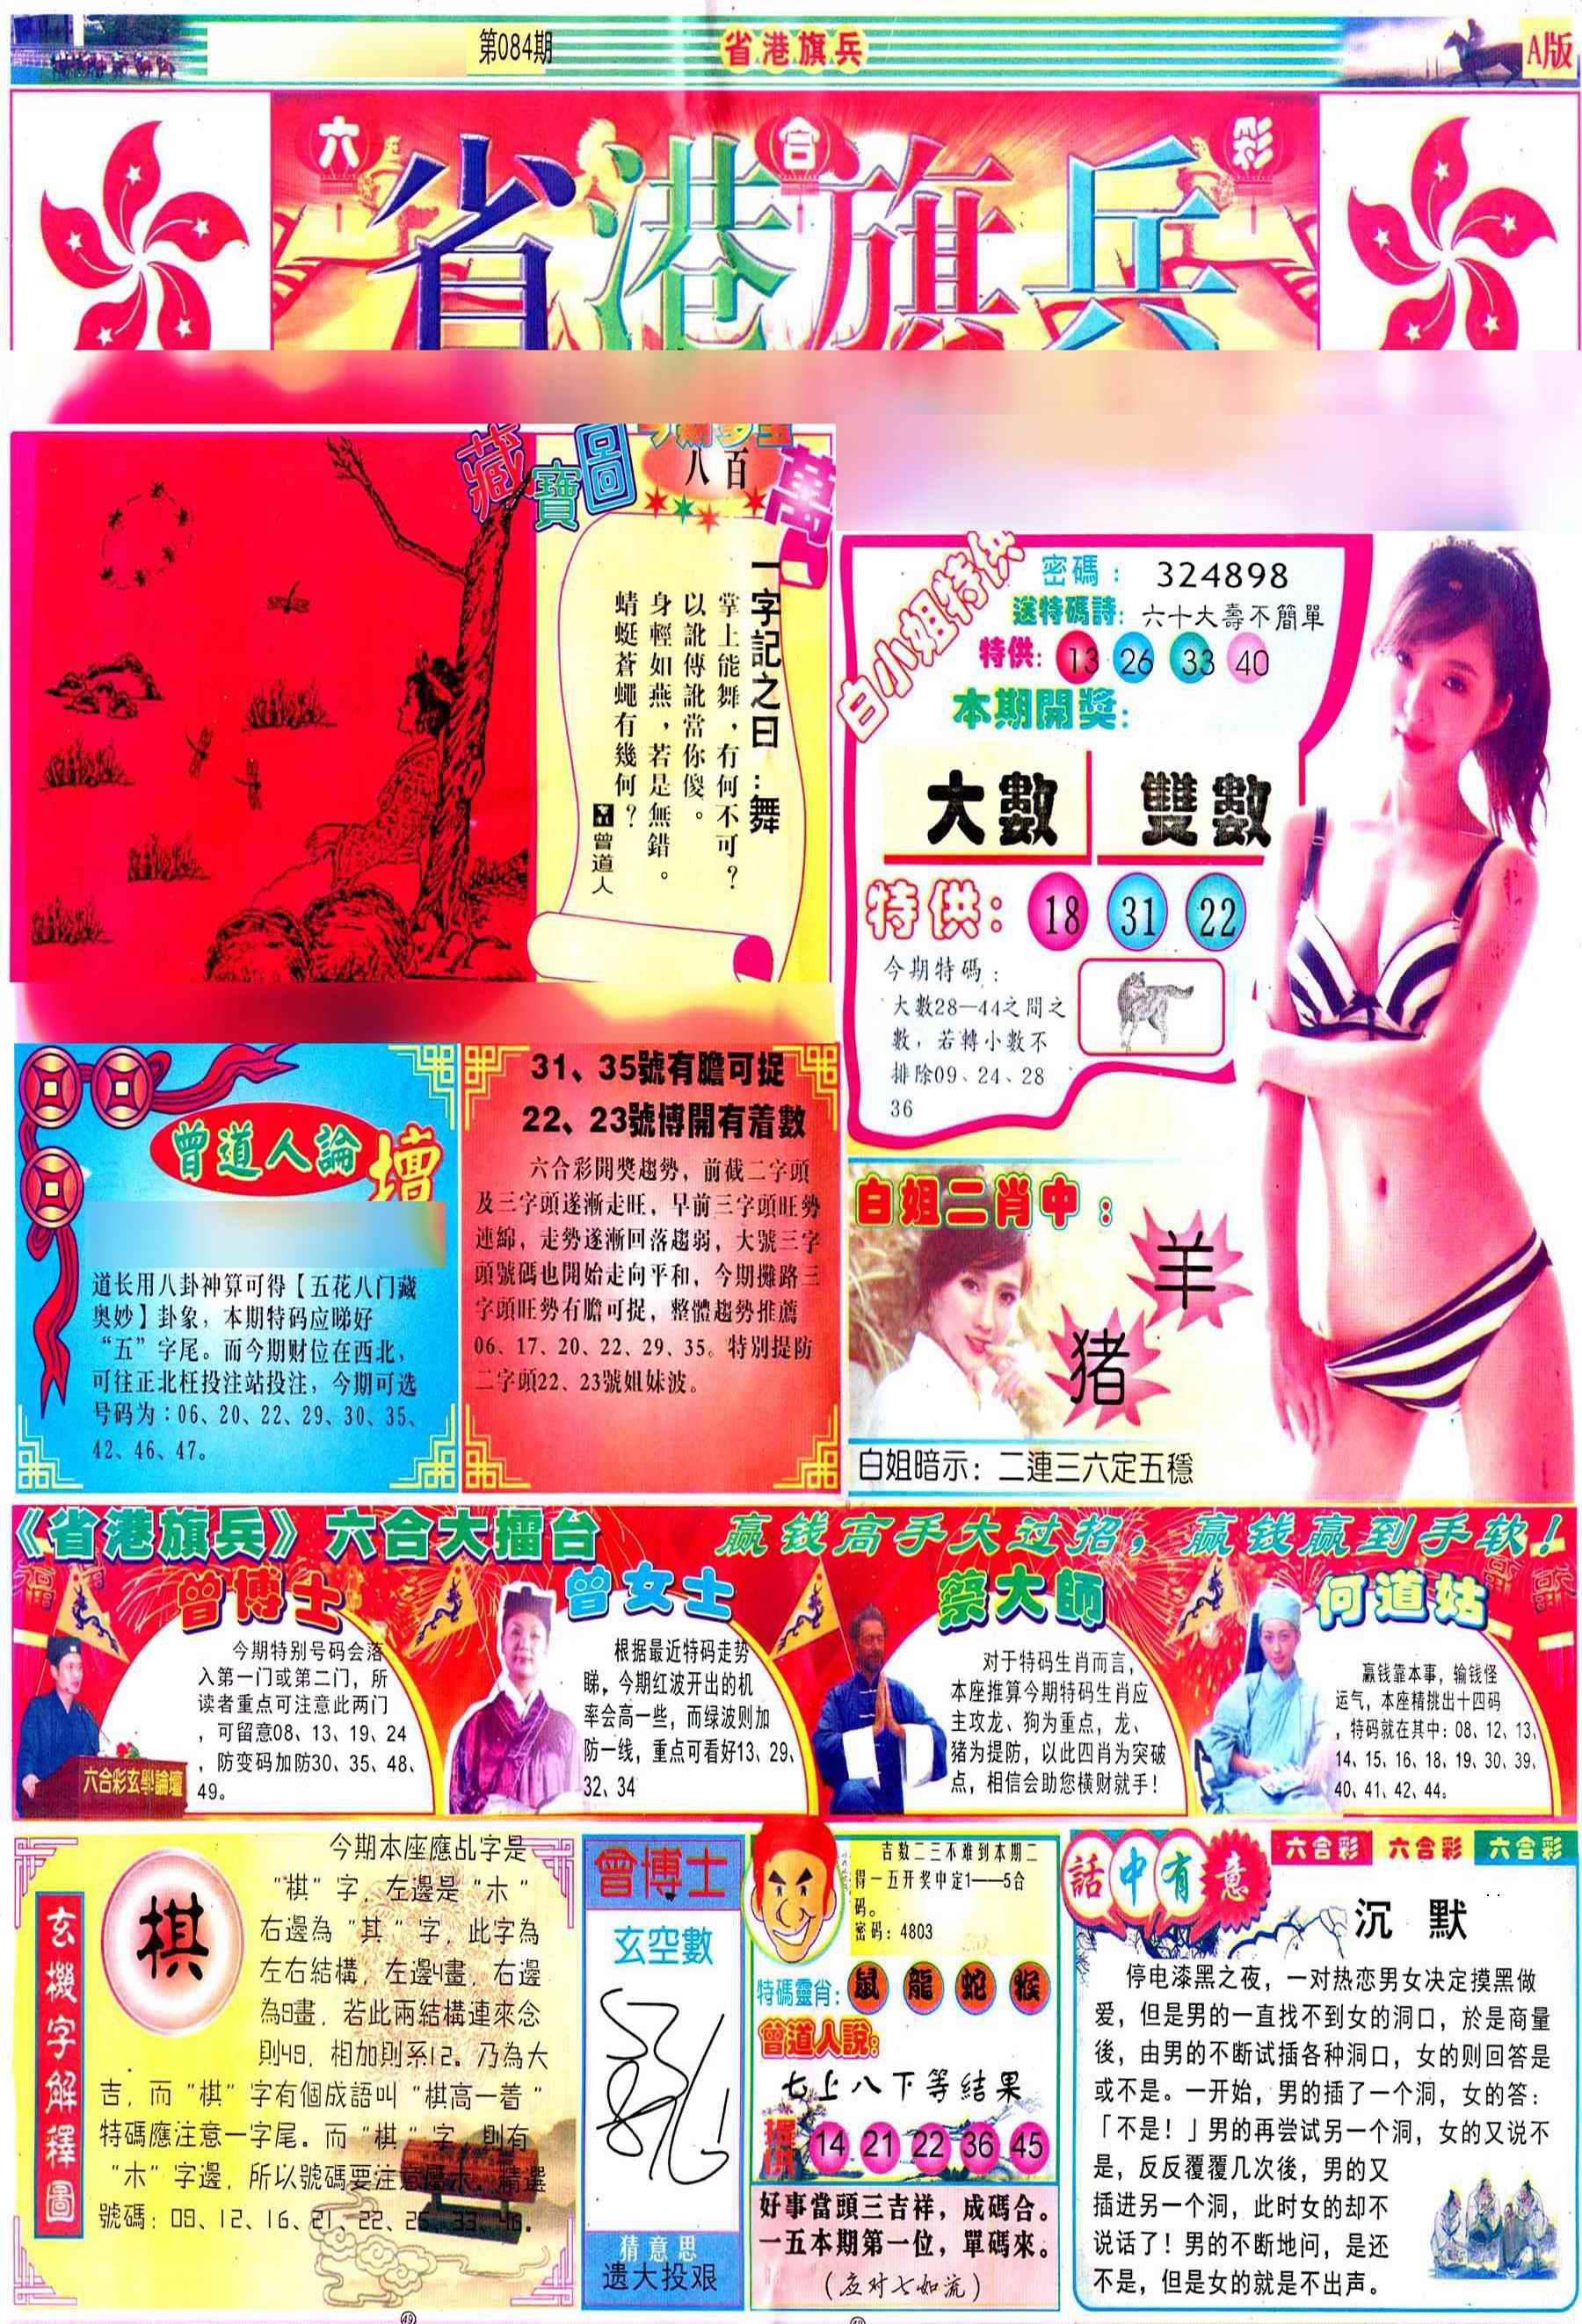 084期彩道A(保证香港版)